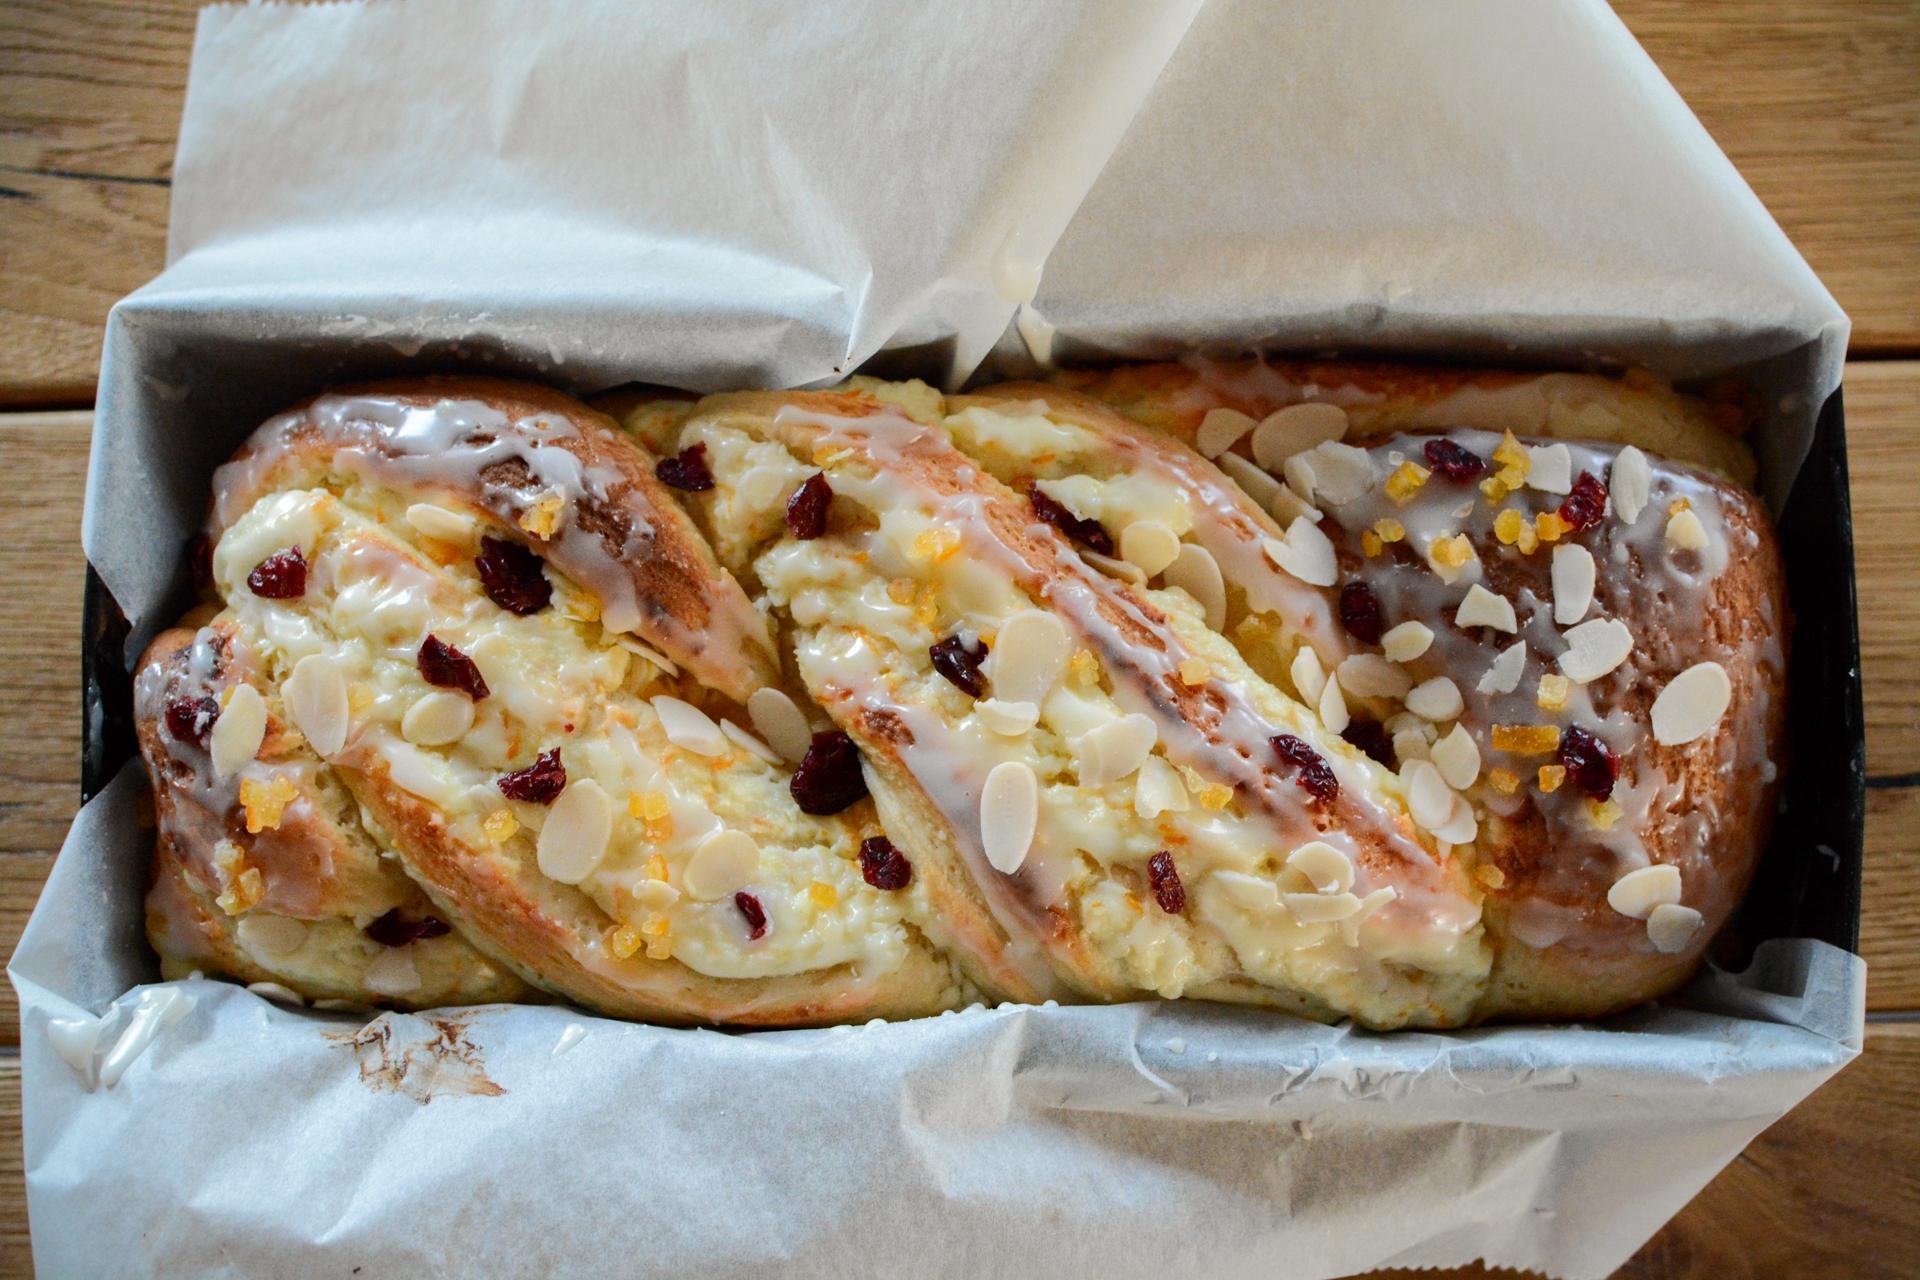 Drożdżówka z serem - strucla serowa 5